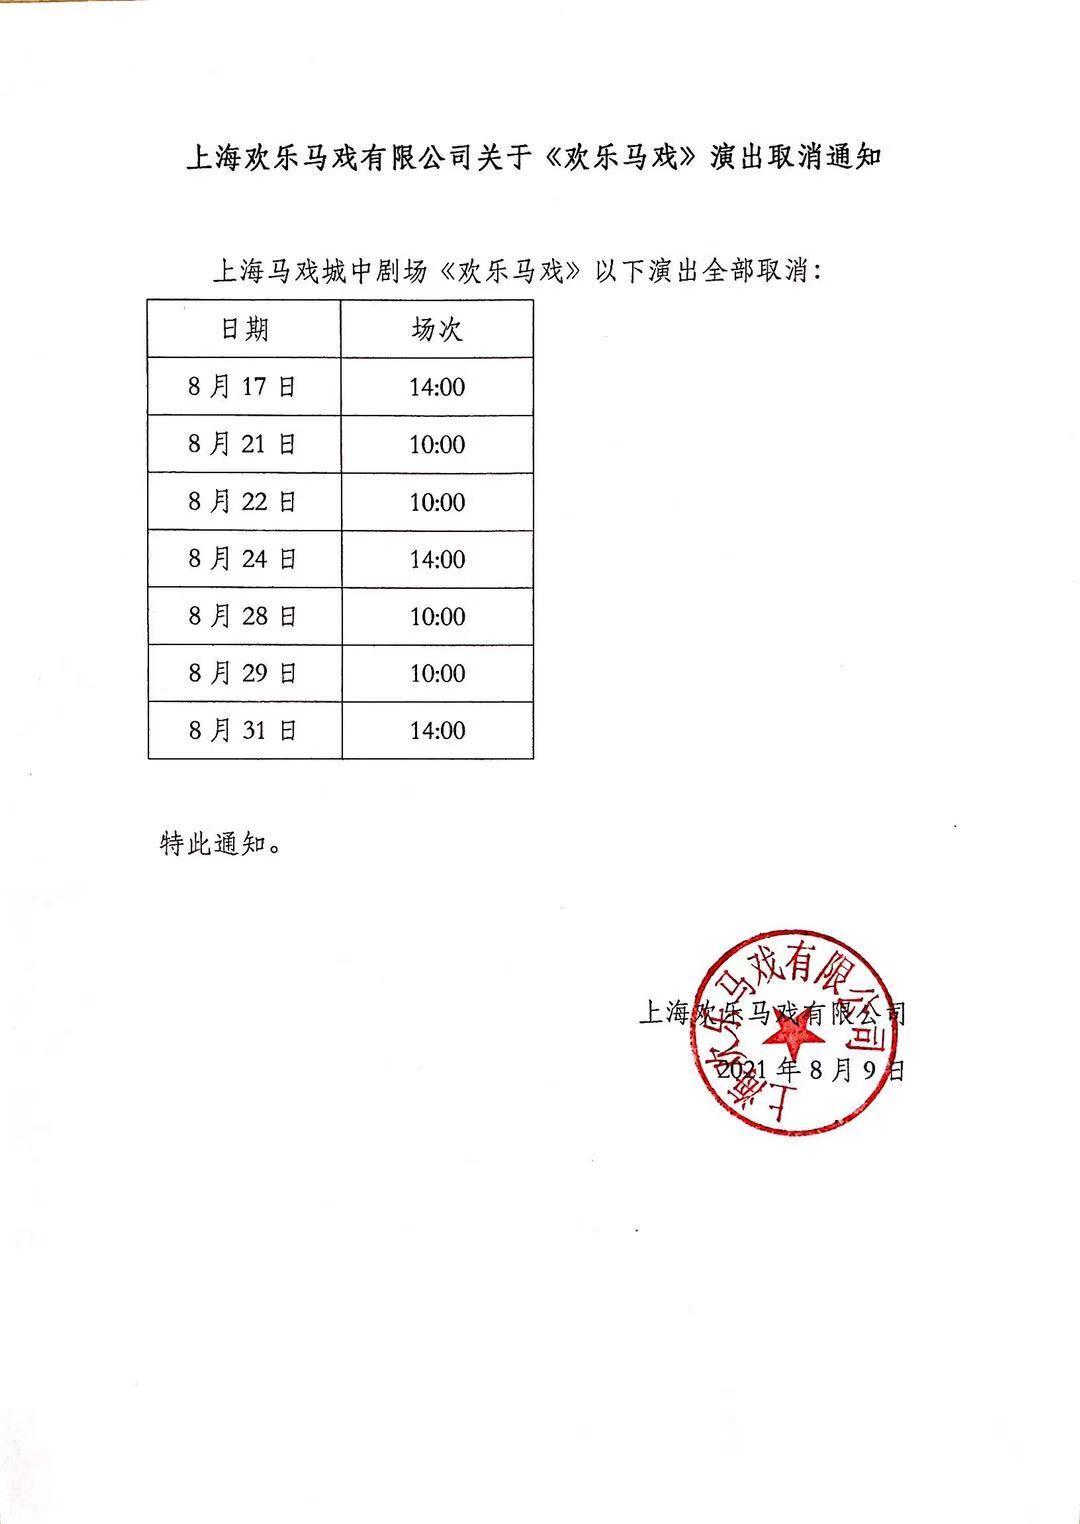 上海马戏城欢乐马戏取消